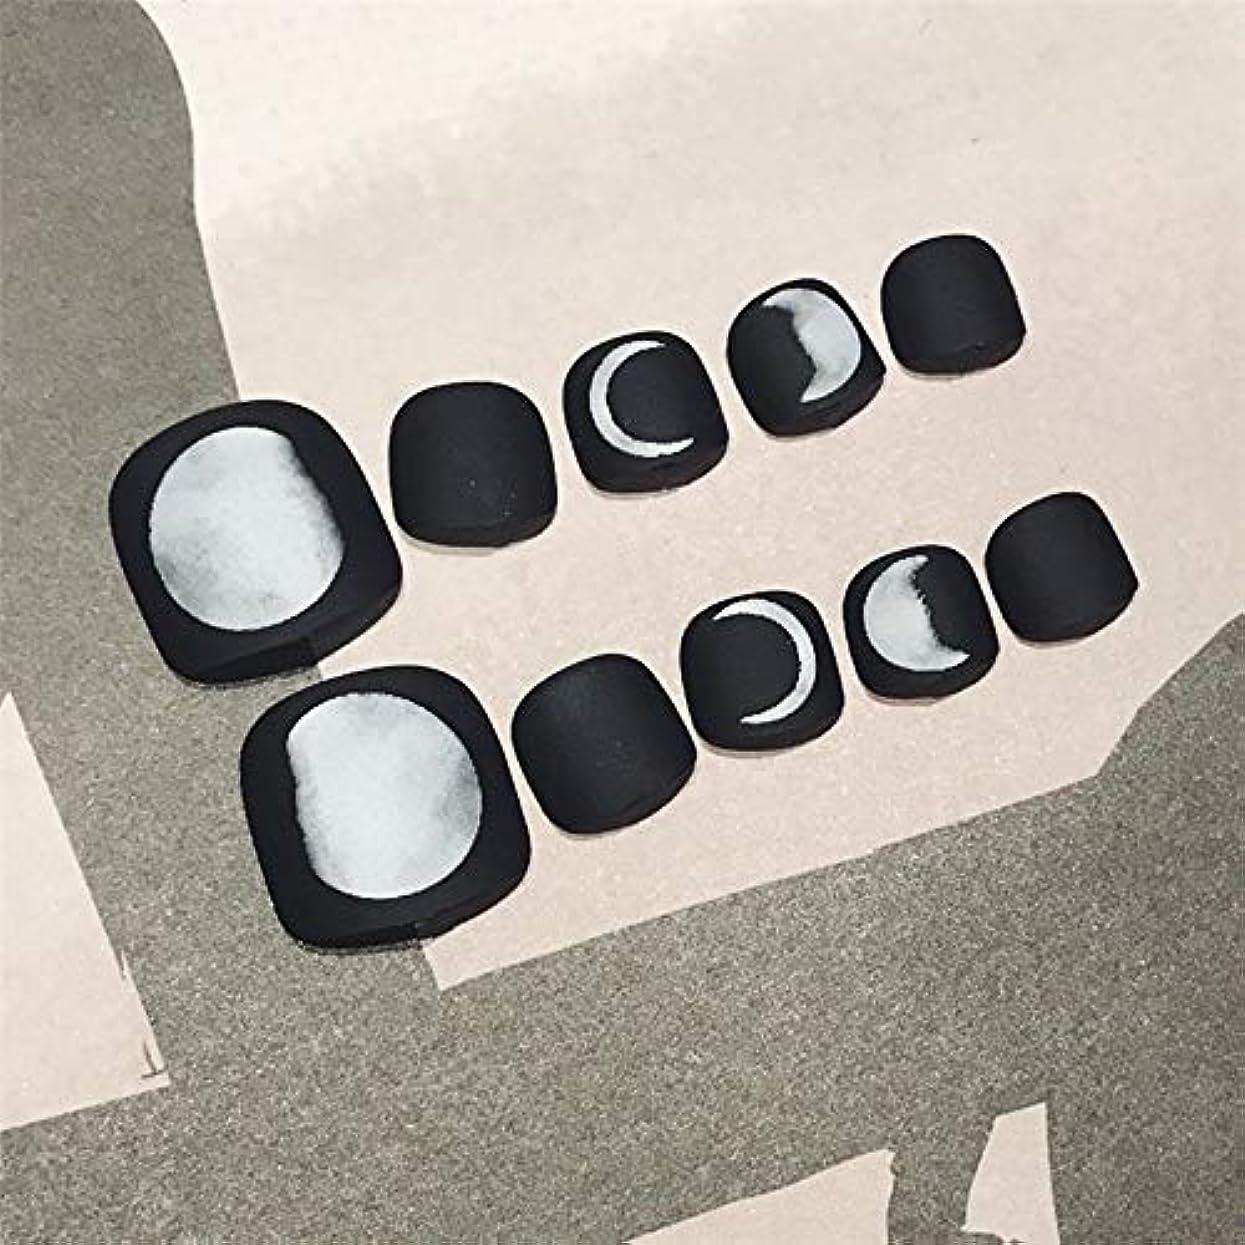 交通紛争収益XUTXZKA 24個入りブラックホワイトマットムーン偽ネイルフルショートフェイクパッチマニキュアツール